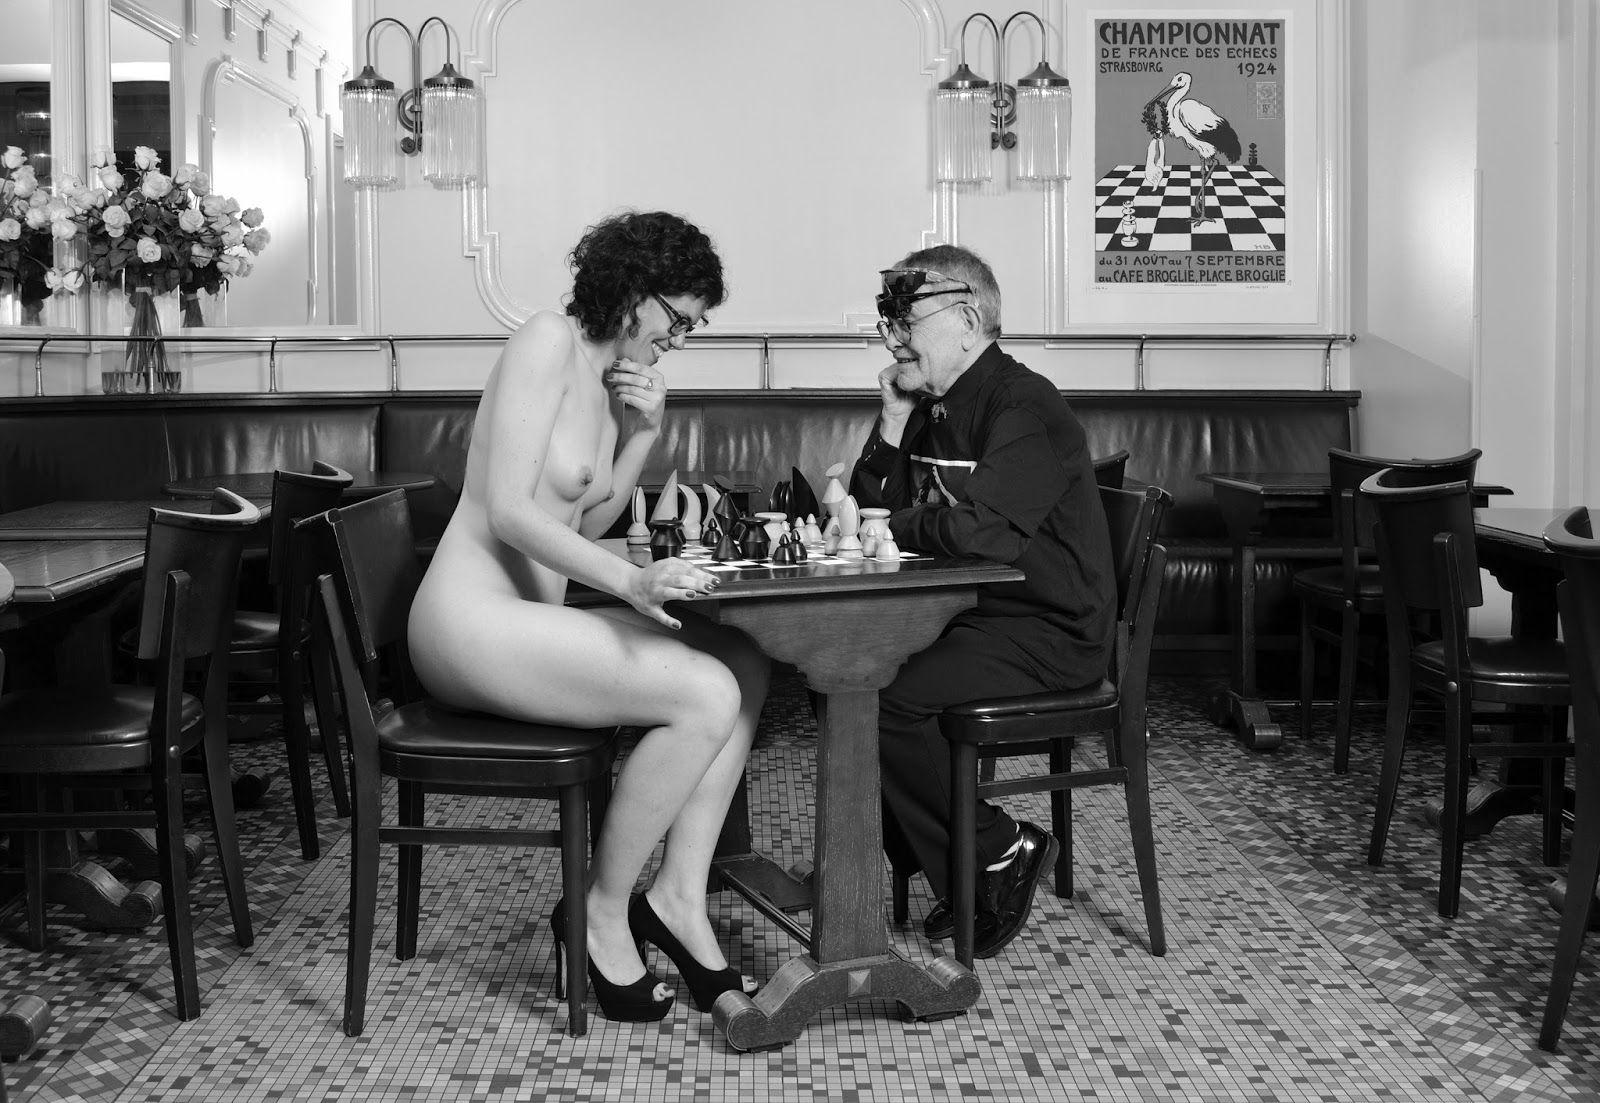 El 15 De Septiembre De 2016 En El Blog Que Mantiene En El Diario Frances Le Monde Arrabalescos Y Donde Habla Con Muchisima Frecuenc Marcel Duchamp Marcel